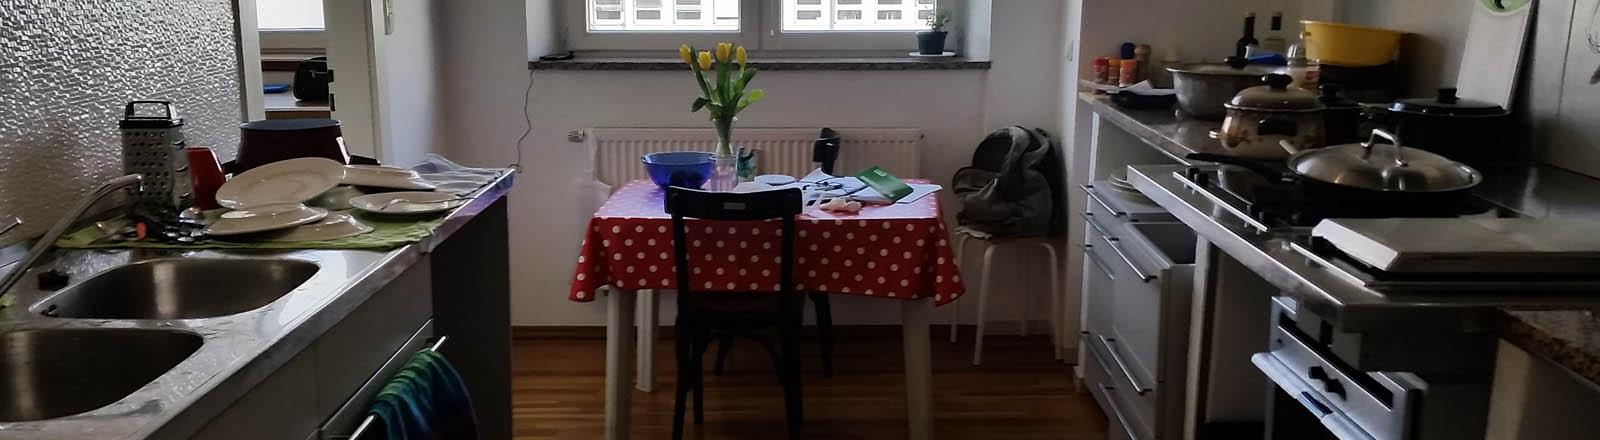 Küche der Flüchtlingsunterkunft für homo- und transsexuelle Menschen